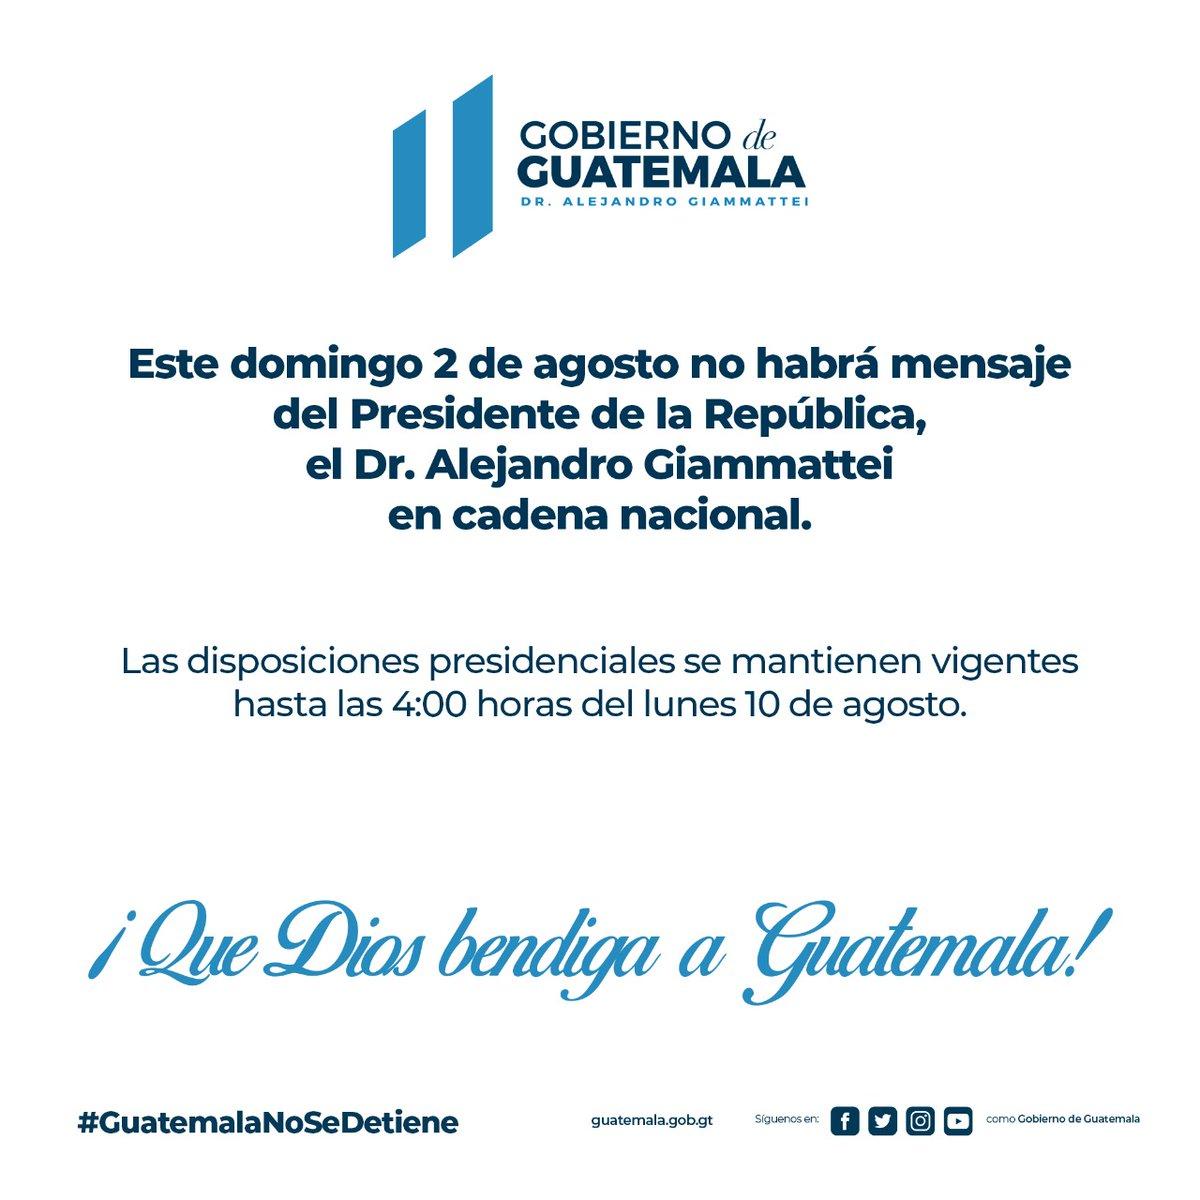 test Twitter Media - El Gobierno recuerda que este domingo no habrá mensaje del presidente Alejandro Giammattei y que las disposiciones presidenciales se mantienen vigentes hasta el lunes 10 de agosto. https://t.co/1tKRn2NvRR